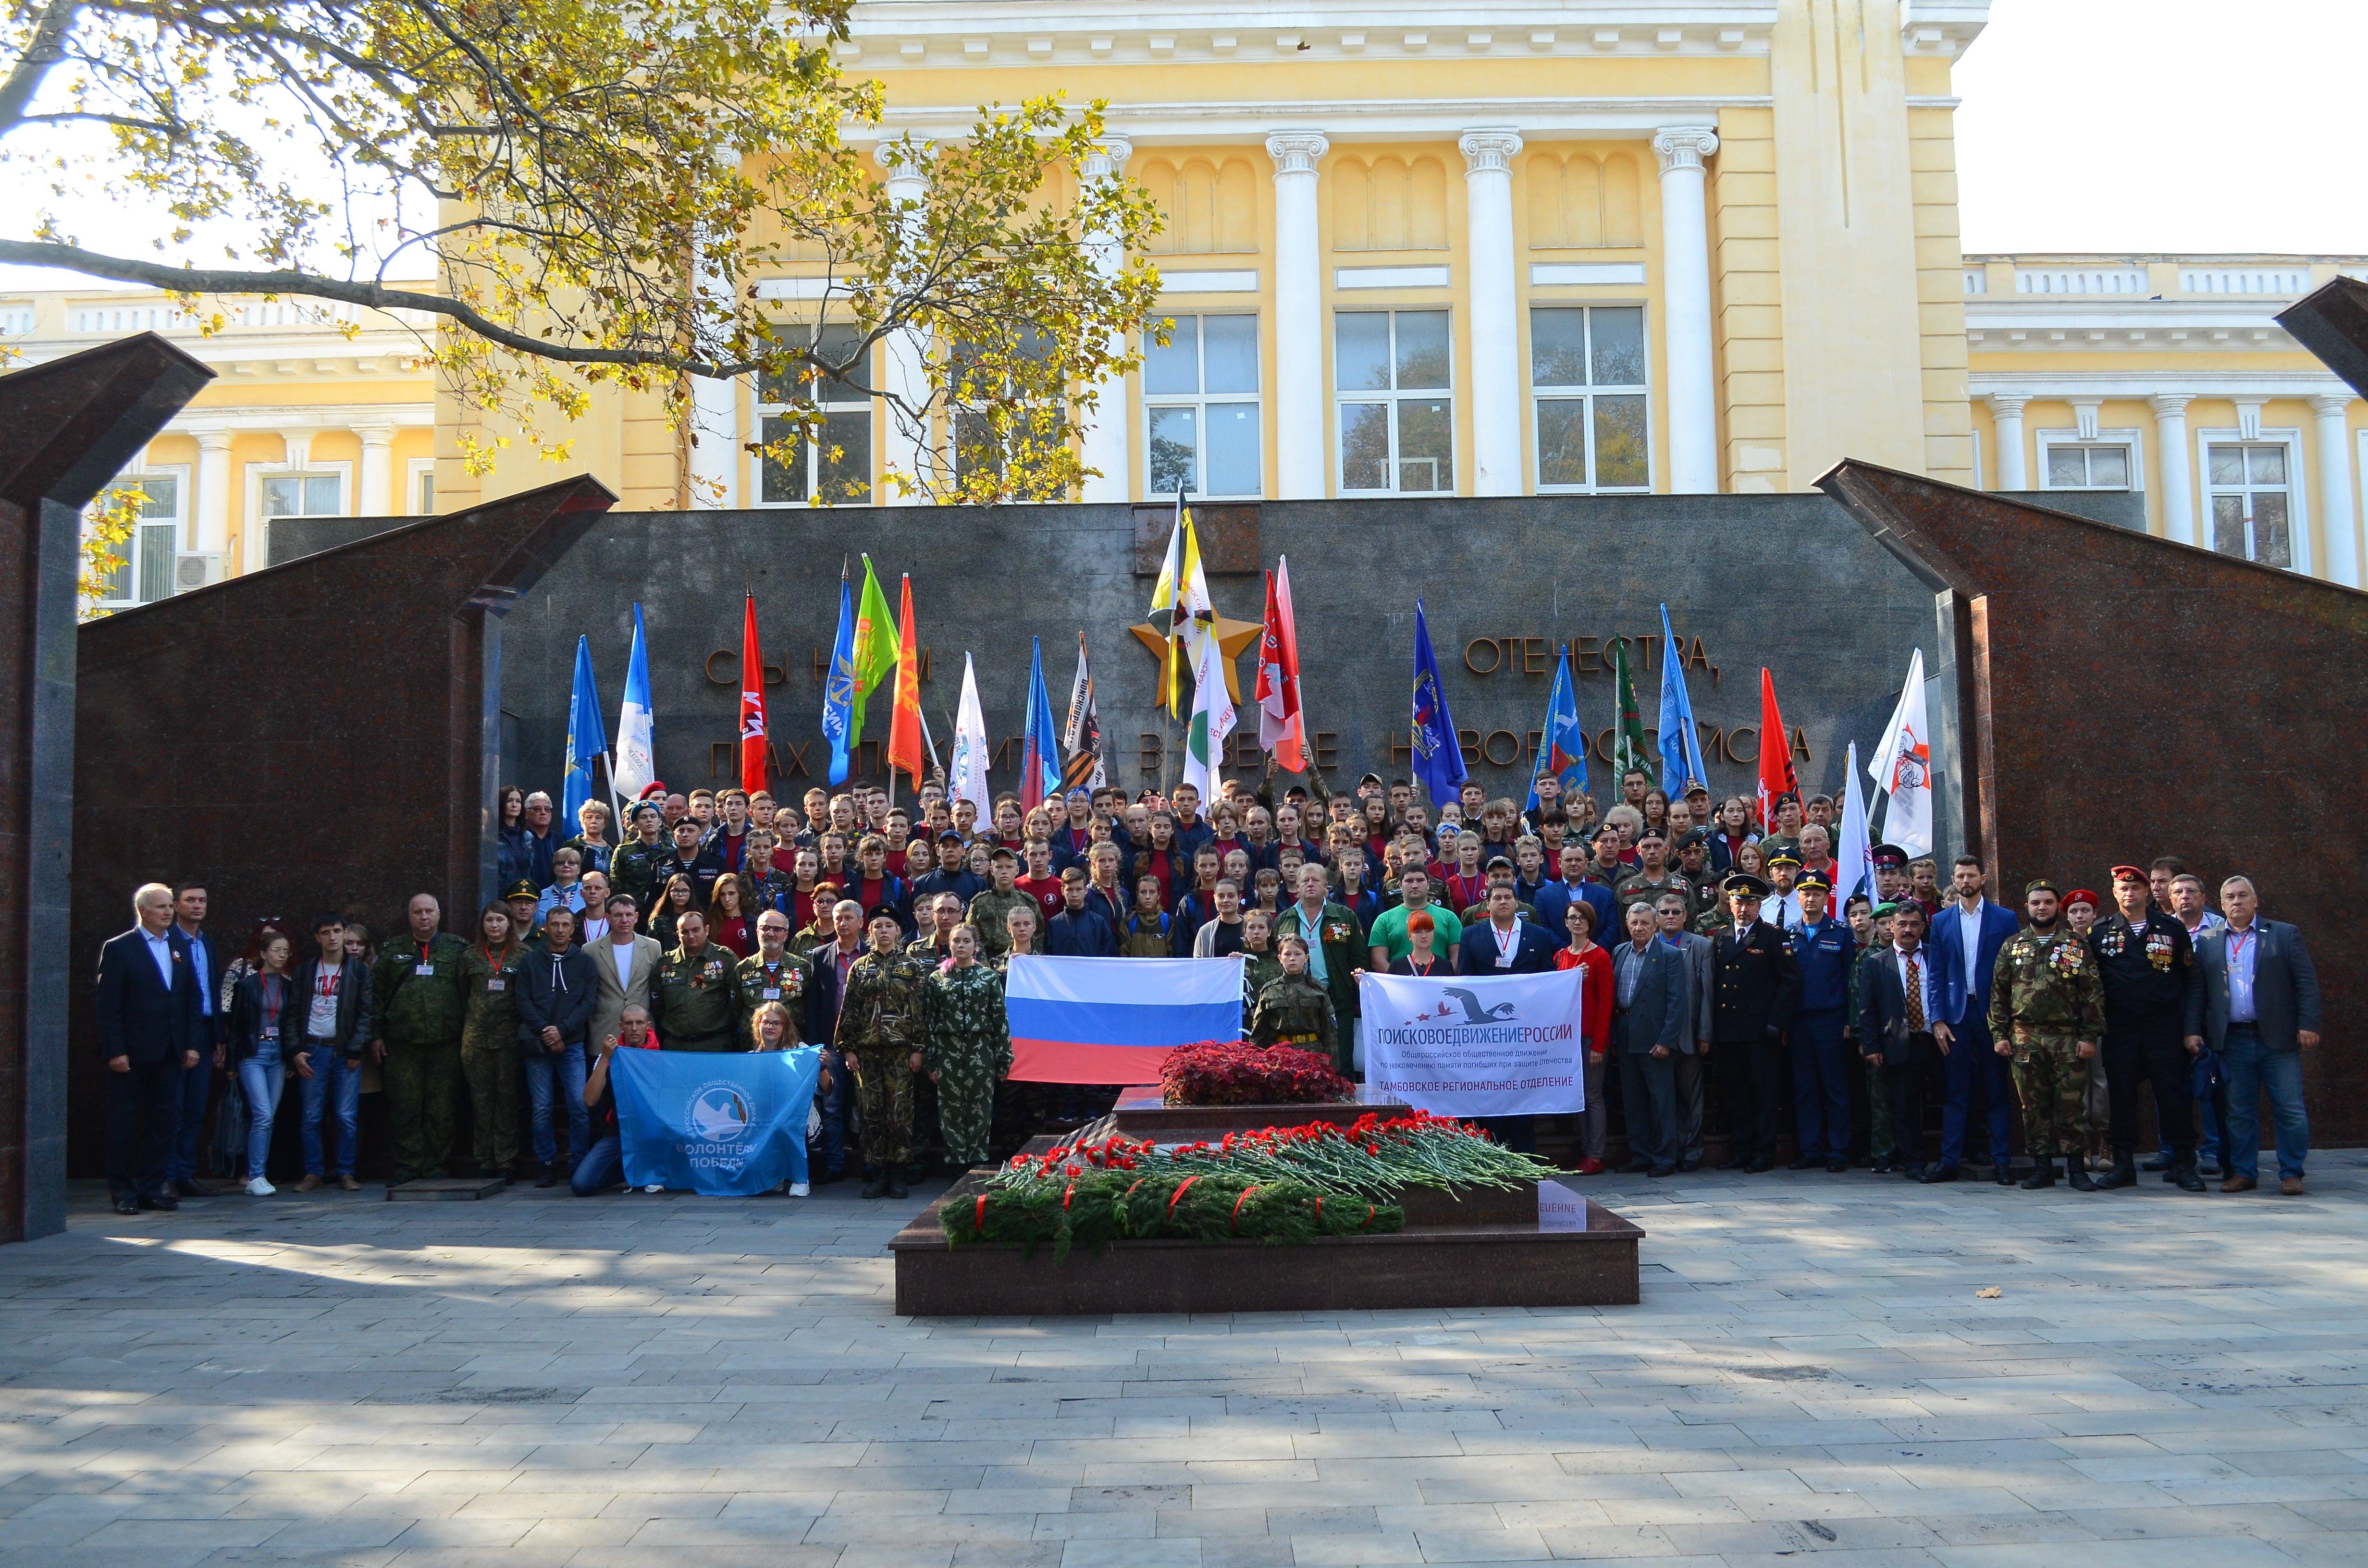 На Кубани прошла Межрегиональная конференция поисковых организаций.